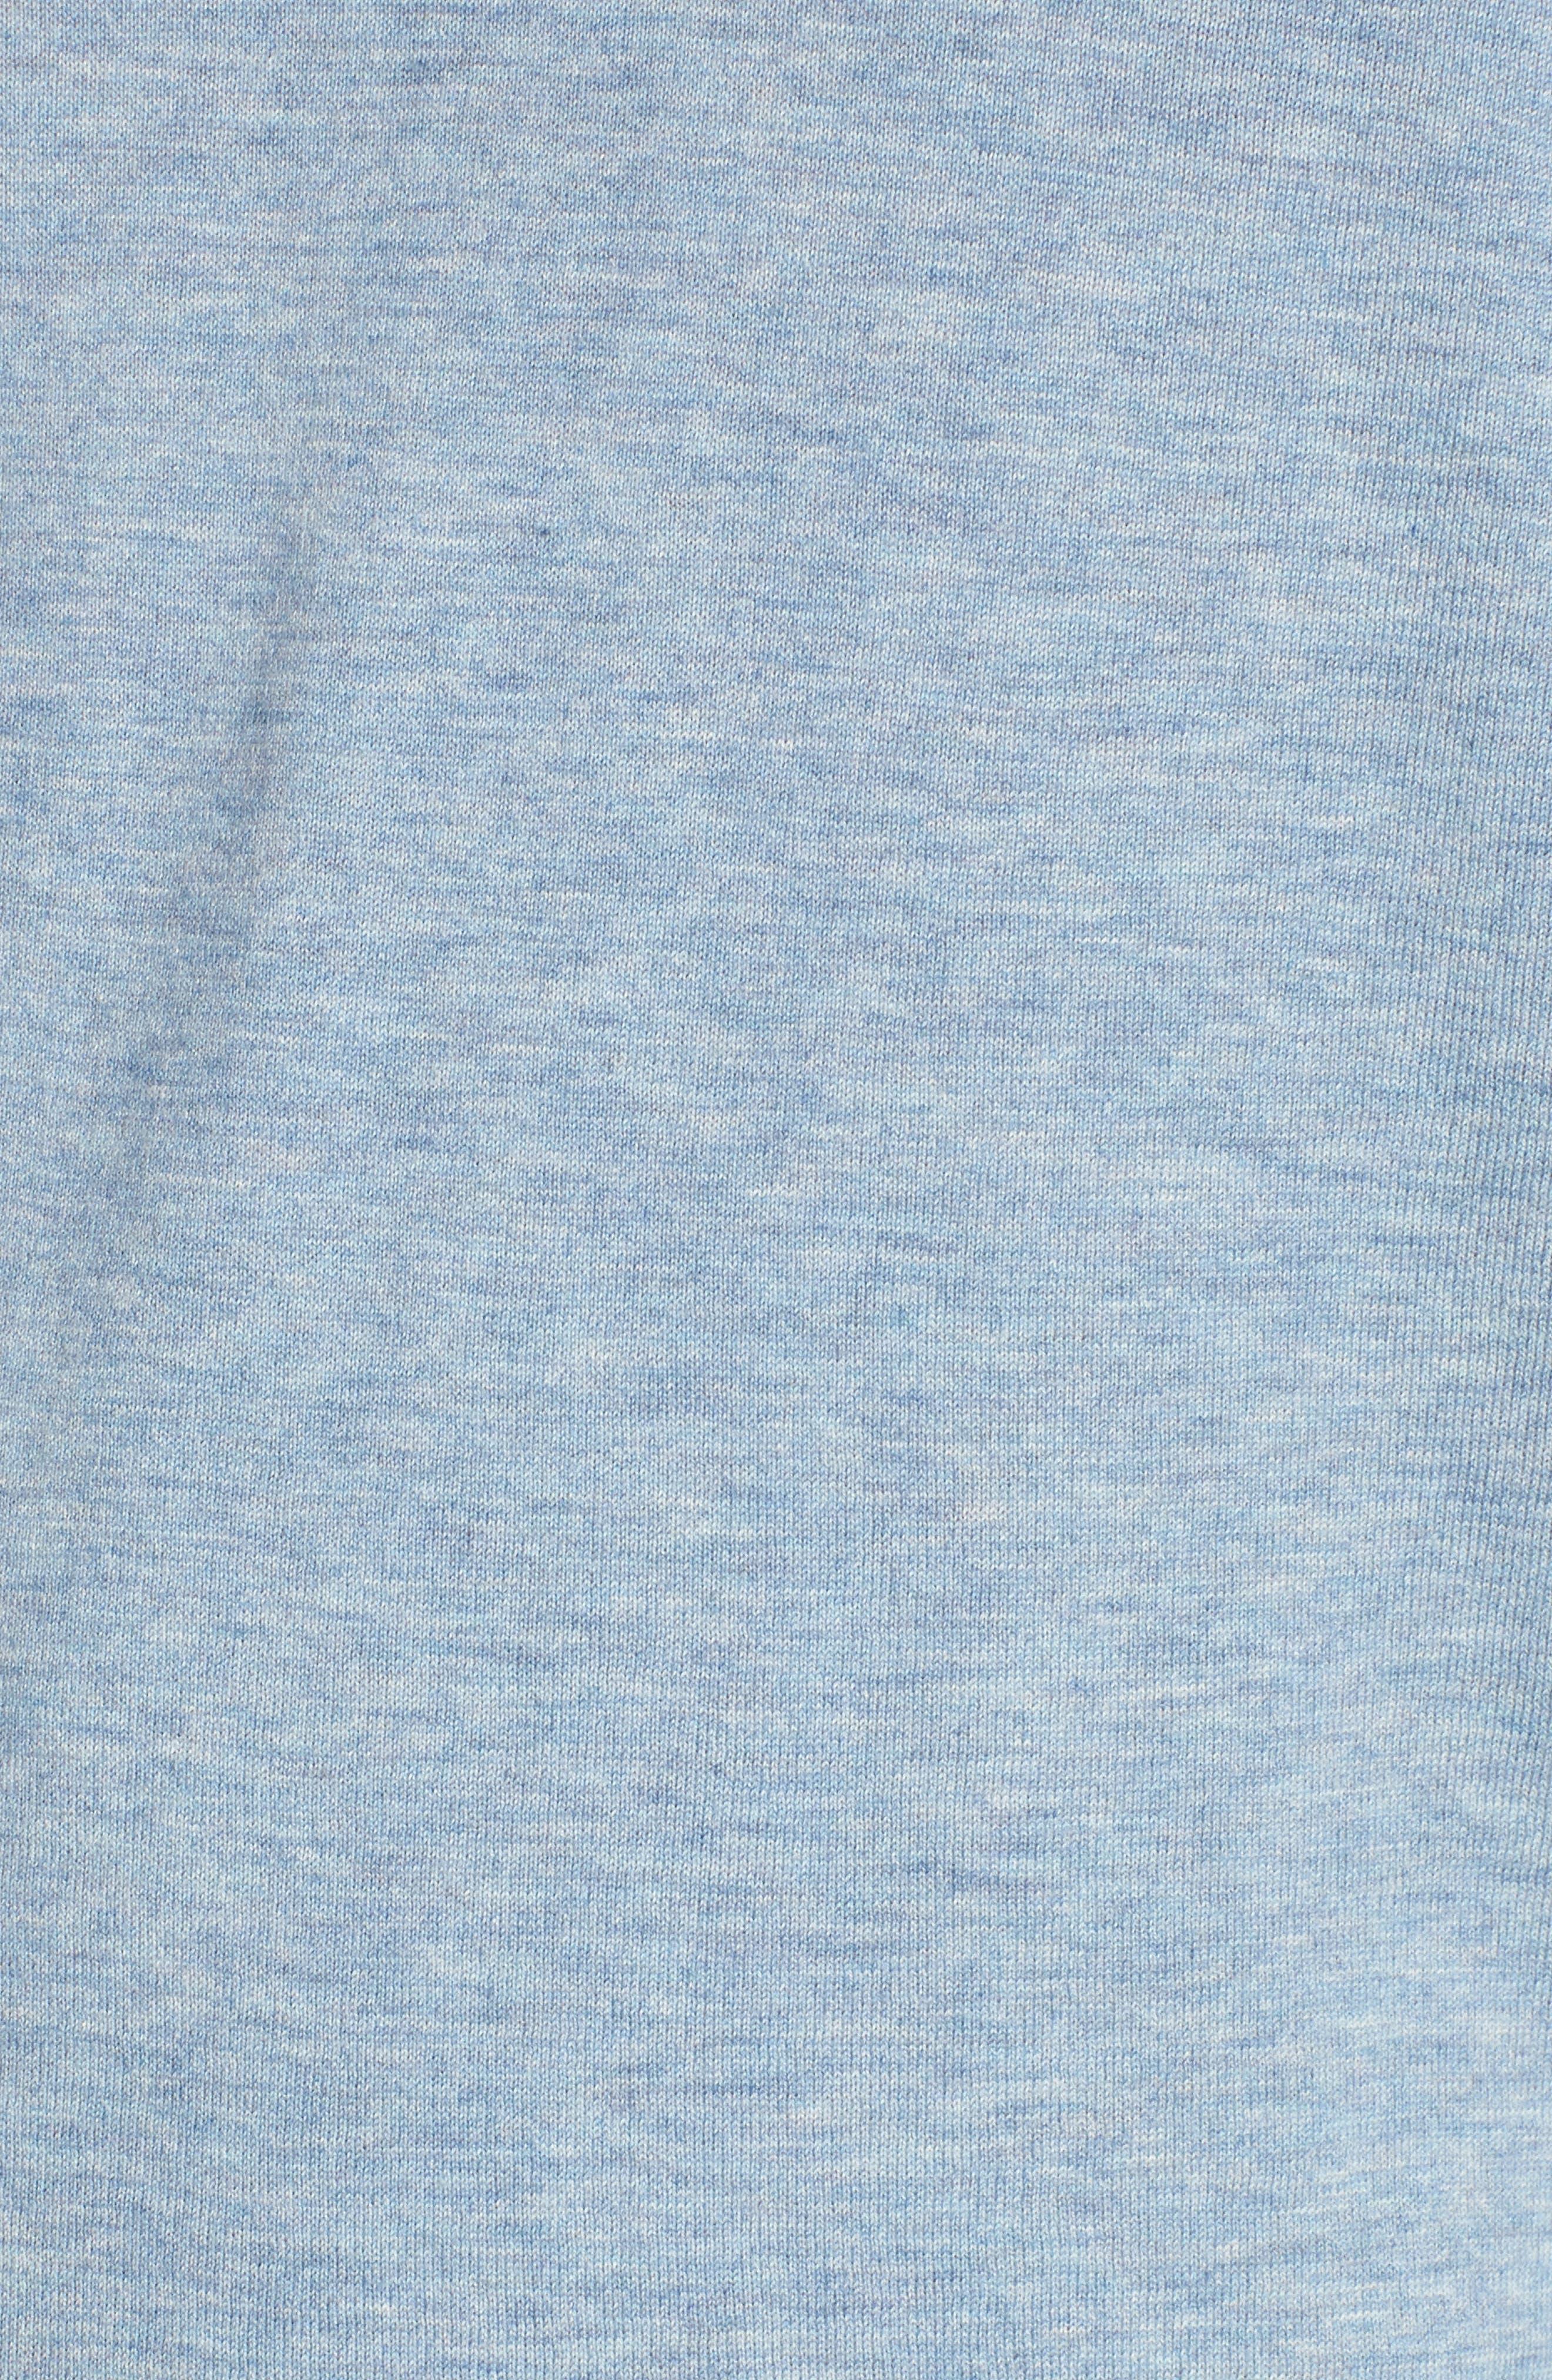 Fine Gauge Crewneck Sweater,                             Alternate thumbnail 5, color,                             Heather Sky Blue